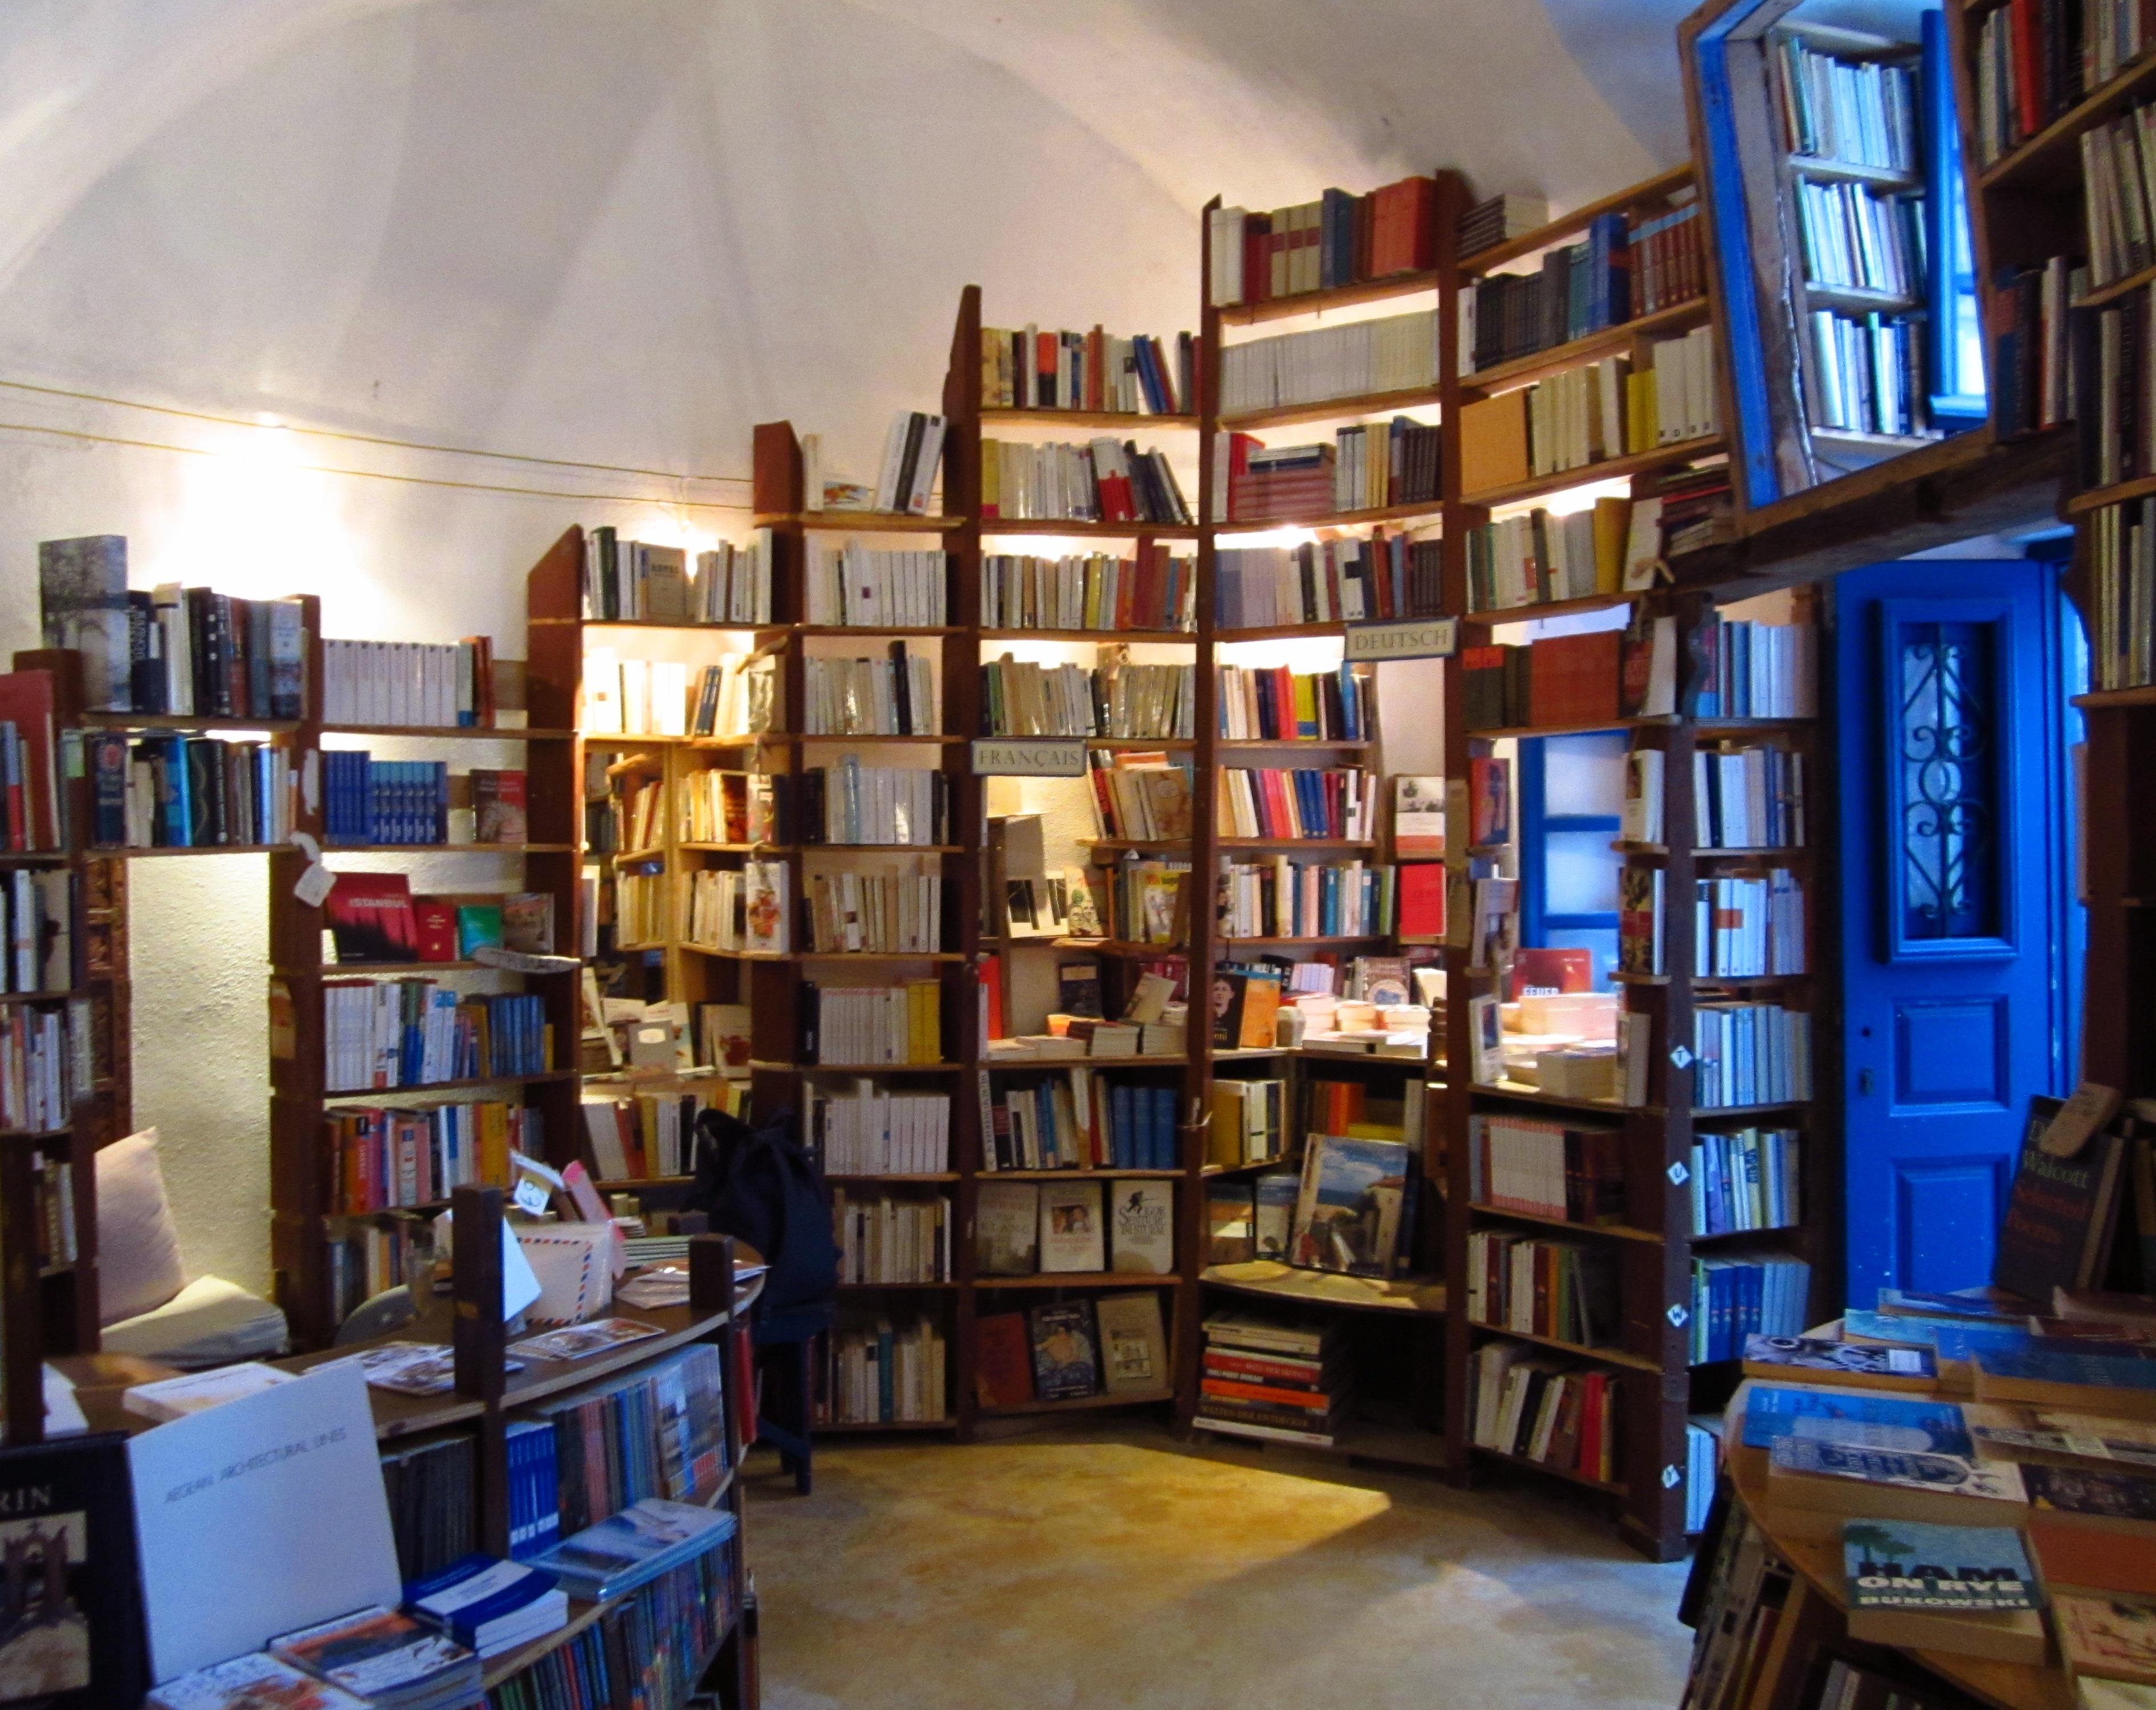 Atlantis-bookstore-ασυνήθιστα βιβλιοπωλεία-athensstories-2